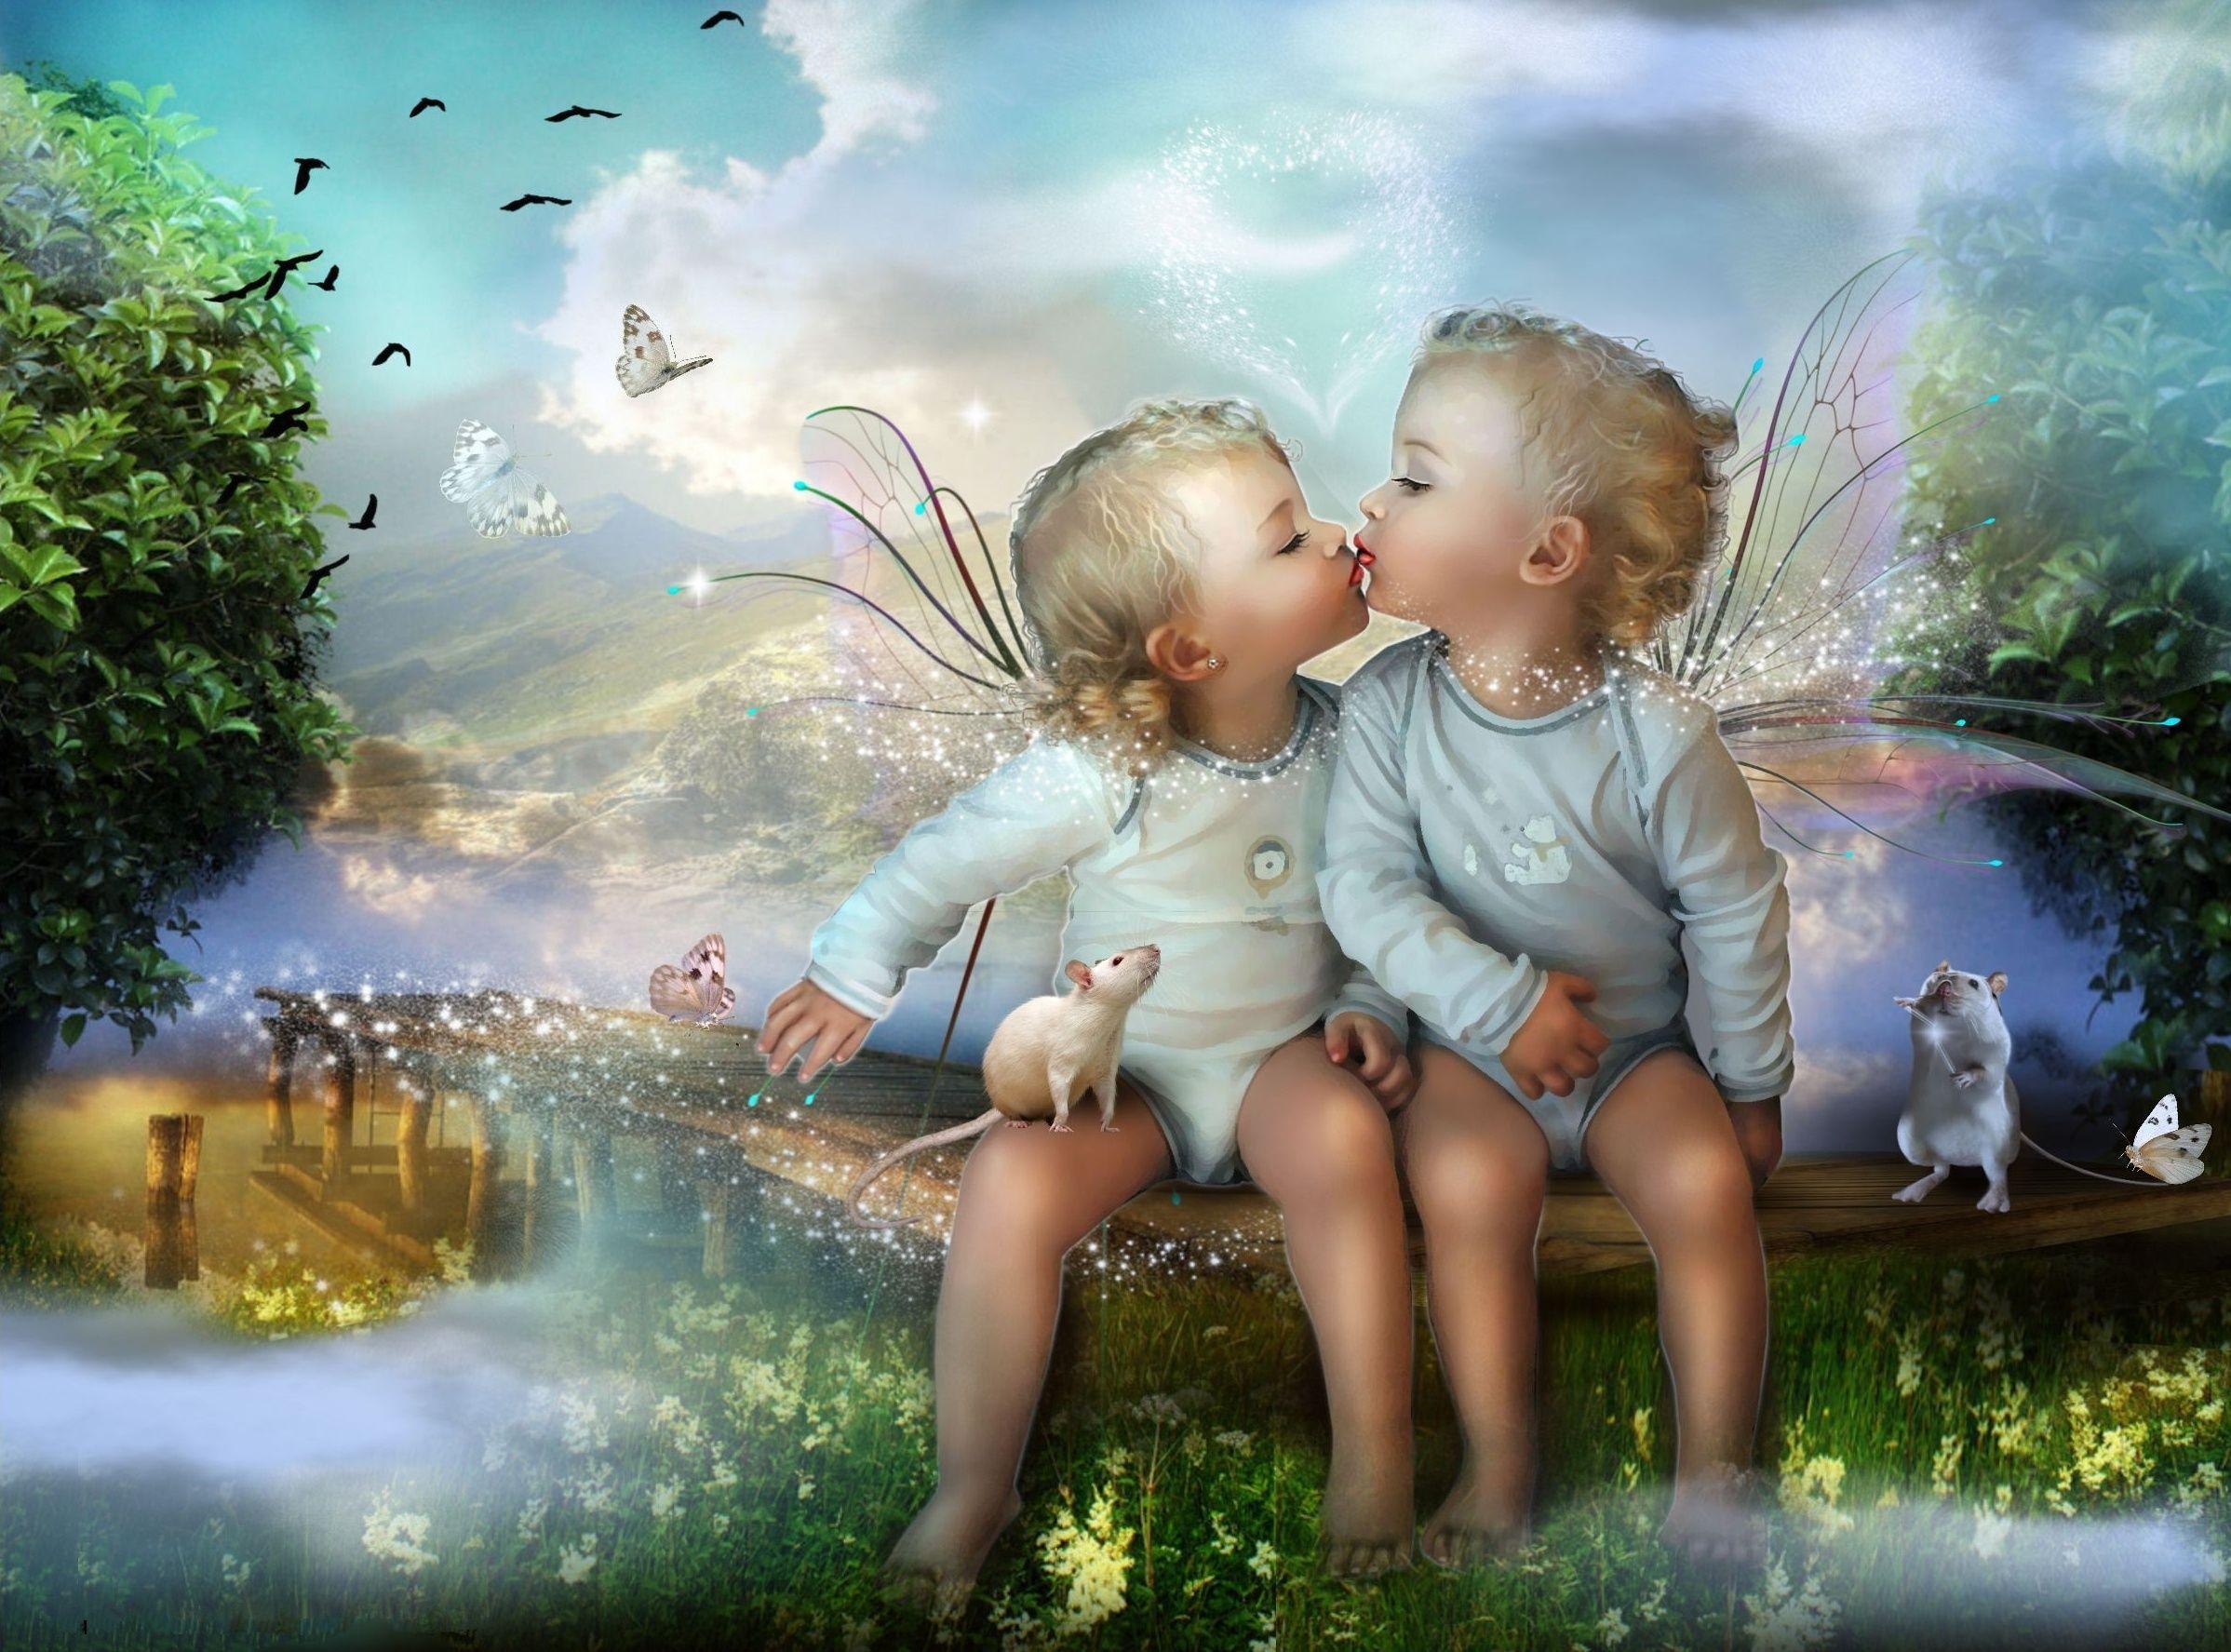 26bb6dc416ba5cd262b811b67d900a9f Jpg 2397 1775 Baby Fairy Fairy Dragon Fairy Art